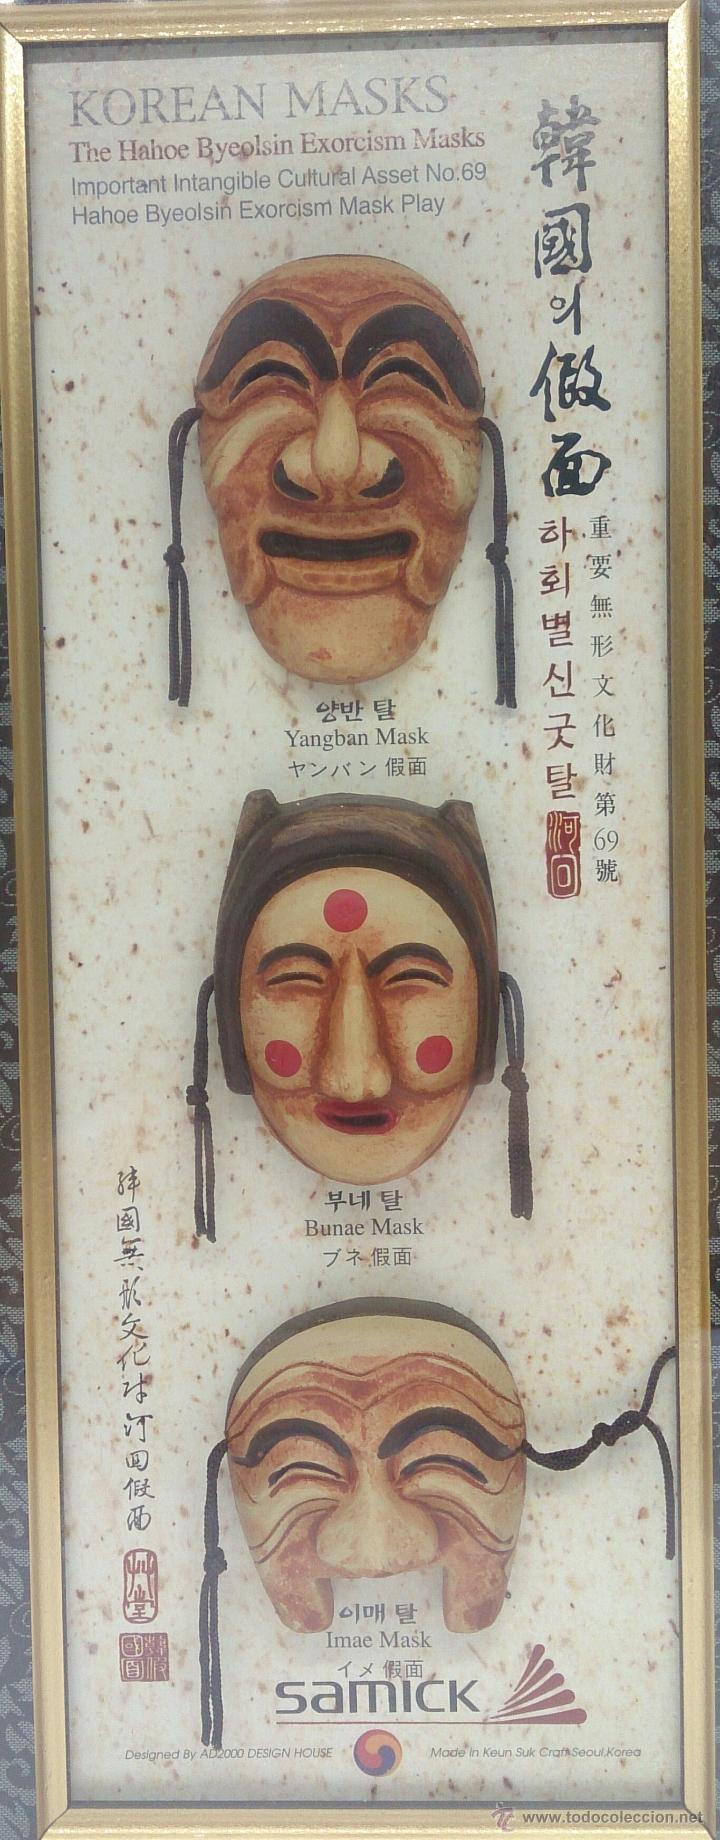 Arte: Cuadro antiguo de arte asiatico, juego de mascaras Coreanas de exorcismo Hahoe Byeolsin enmarcadas . - Foto 2 - 55142798